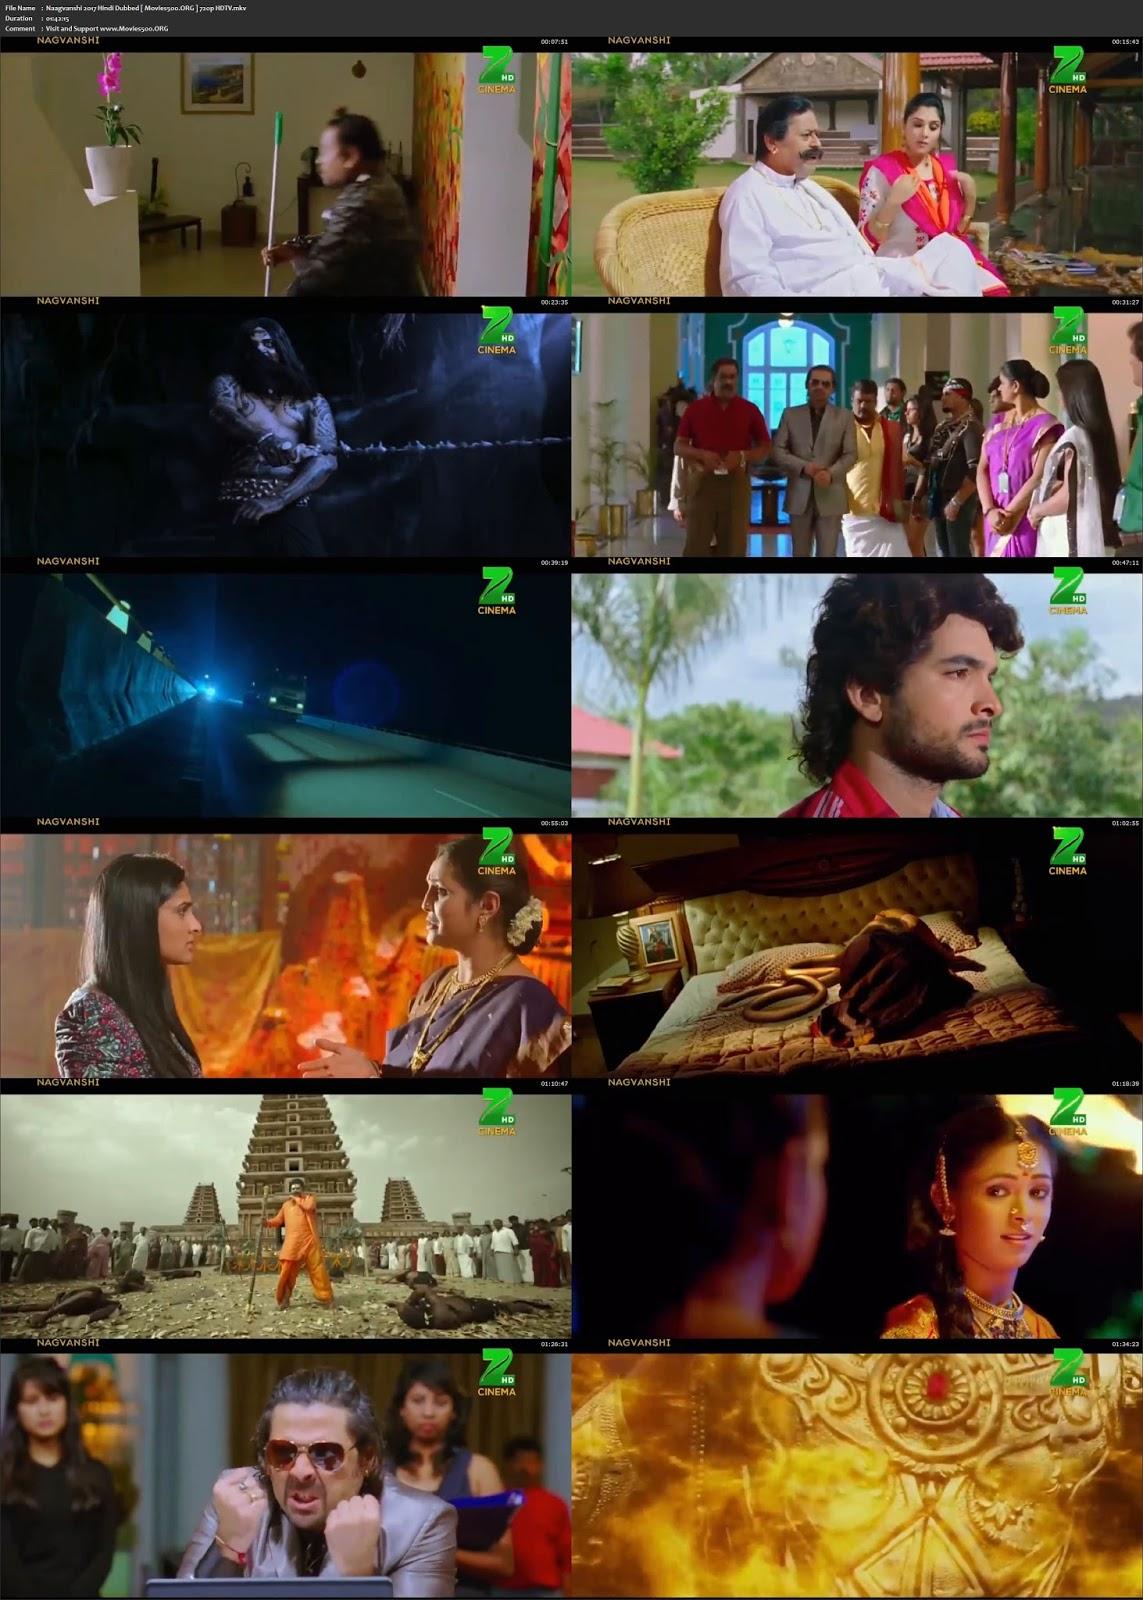 Naagvanshi 2017 Hindi Dubbed Full Movie 720p HDTV at movies500.site